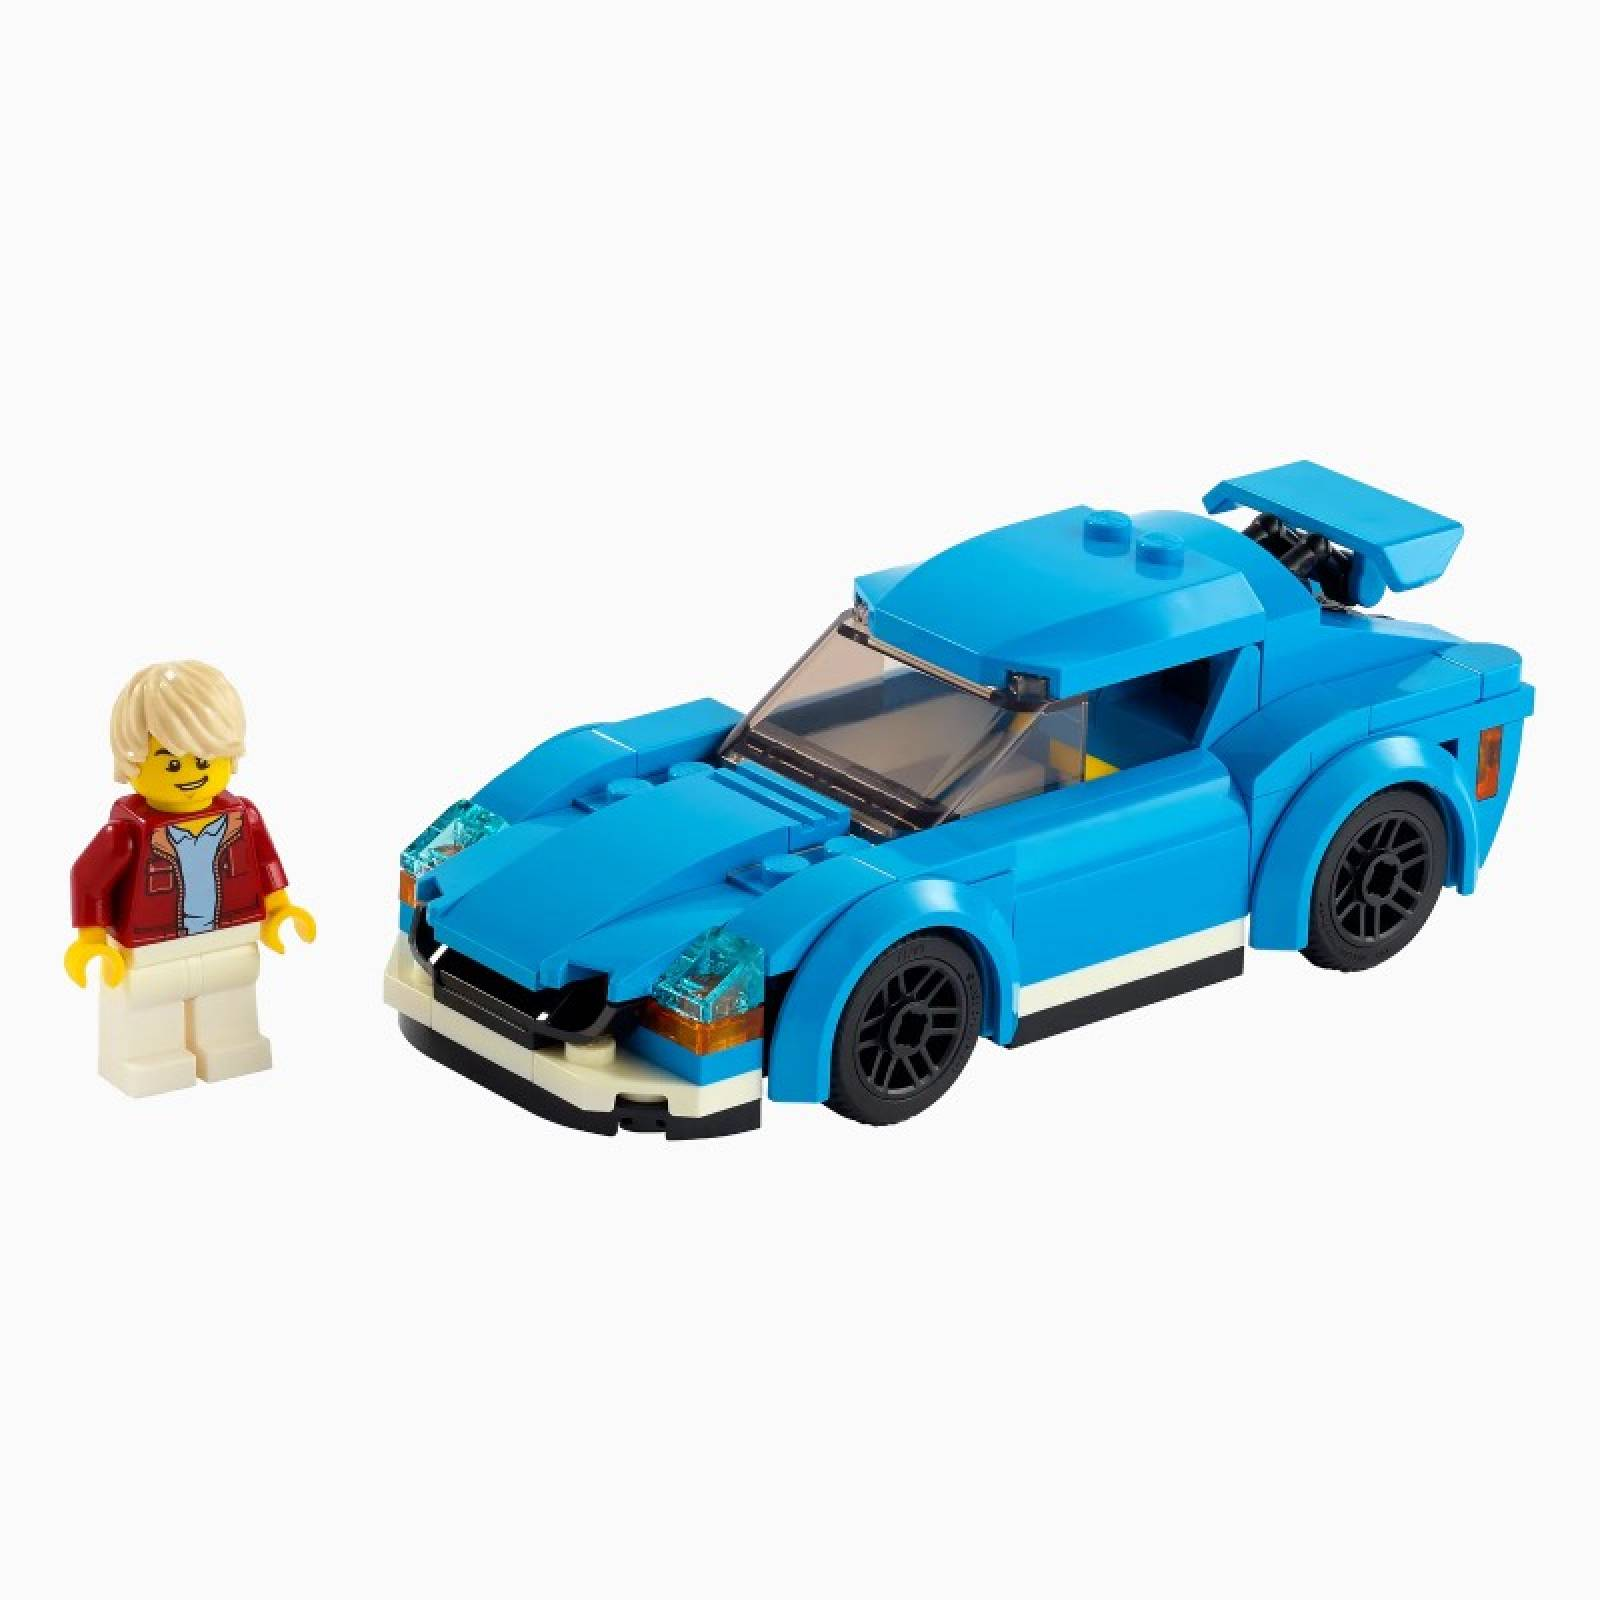 LEGO City Sports Car 60285 5+ thumbnails